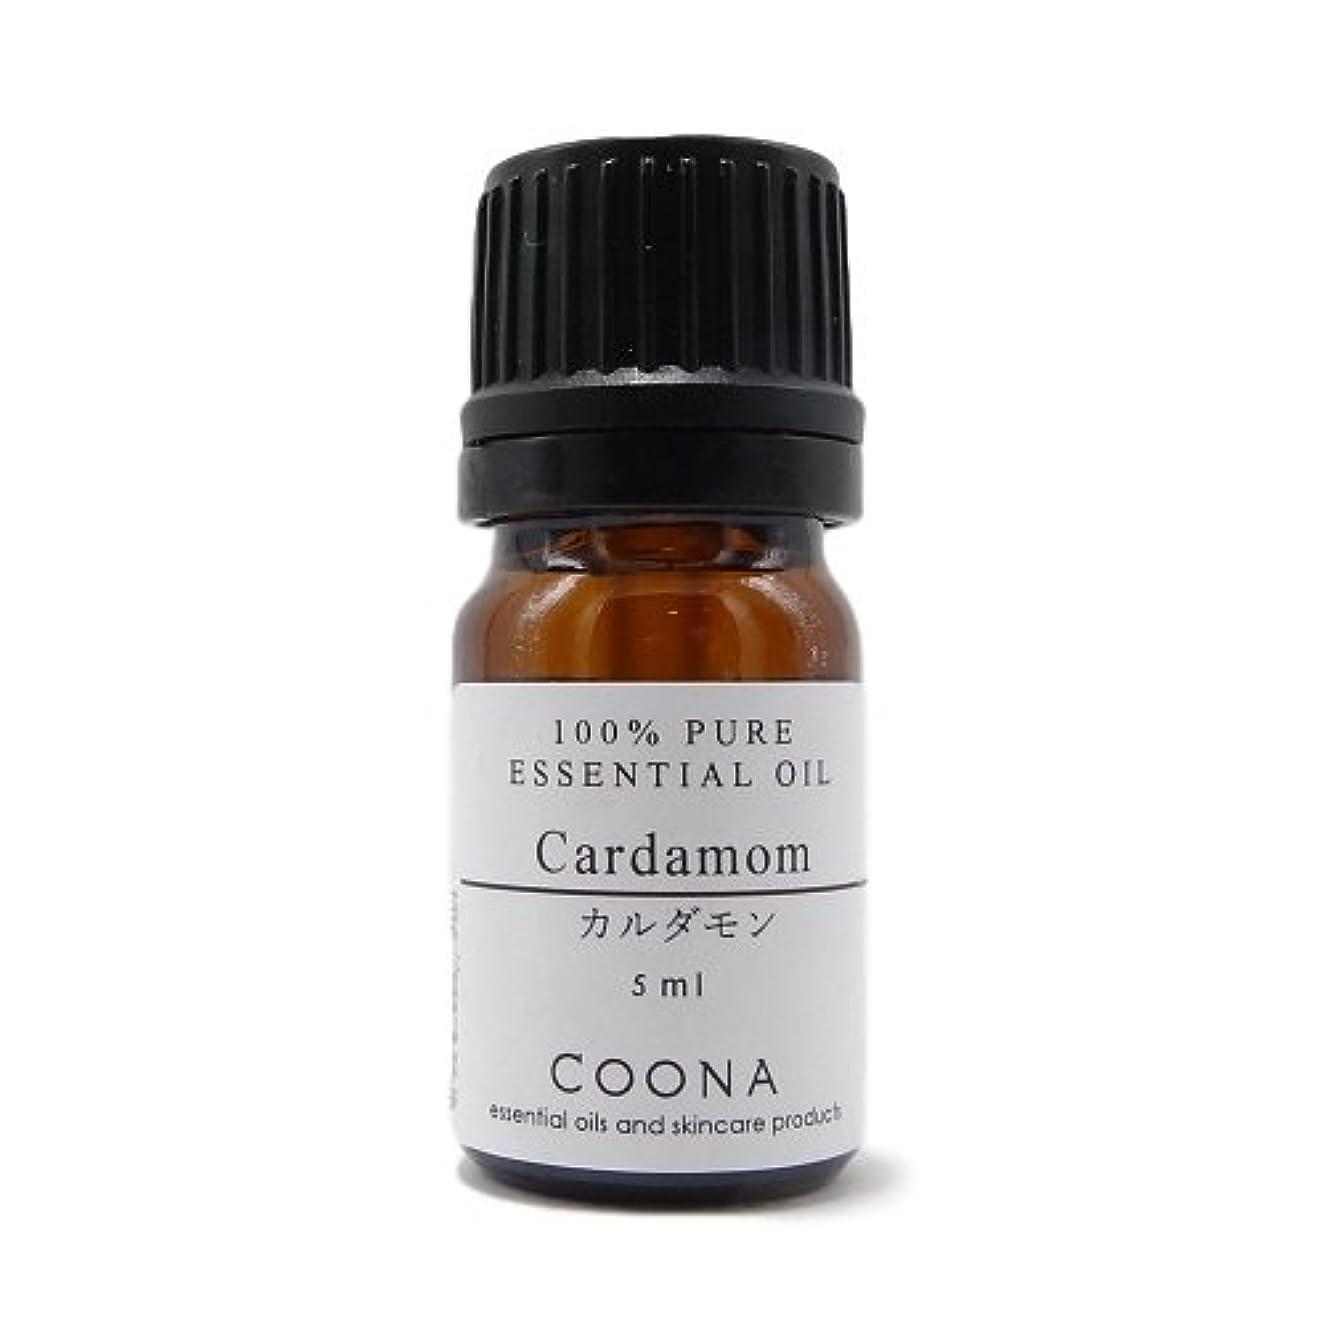 反論者正確ホーンカルダモン 5 ml (COONA エッセンシャルオイル アロマオイル 100%天然植物精油)